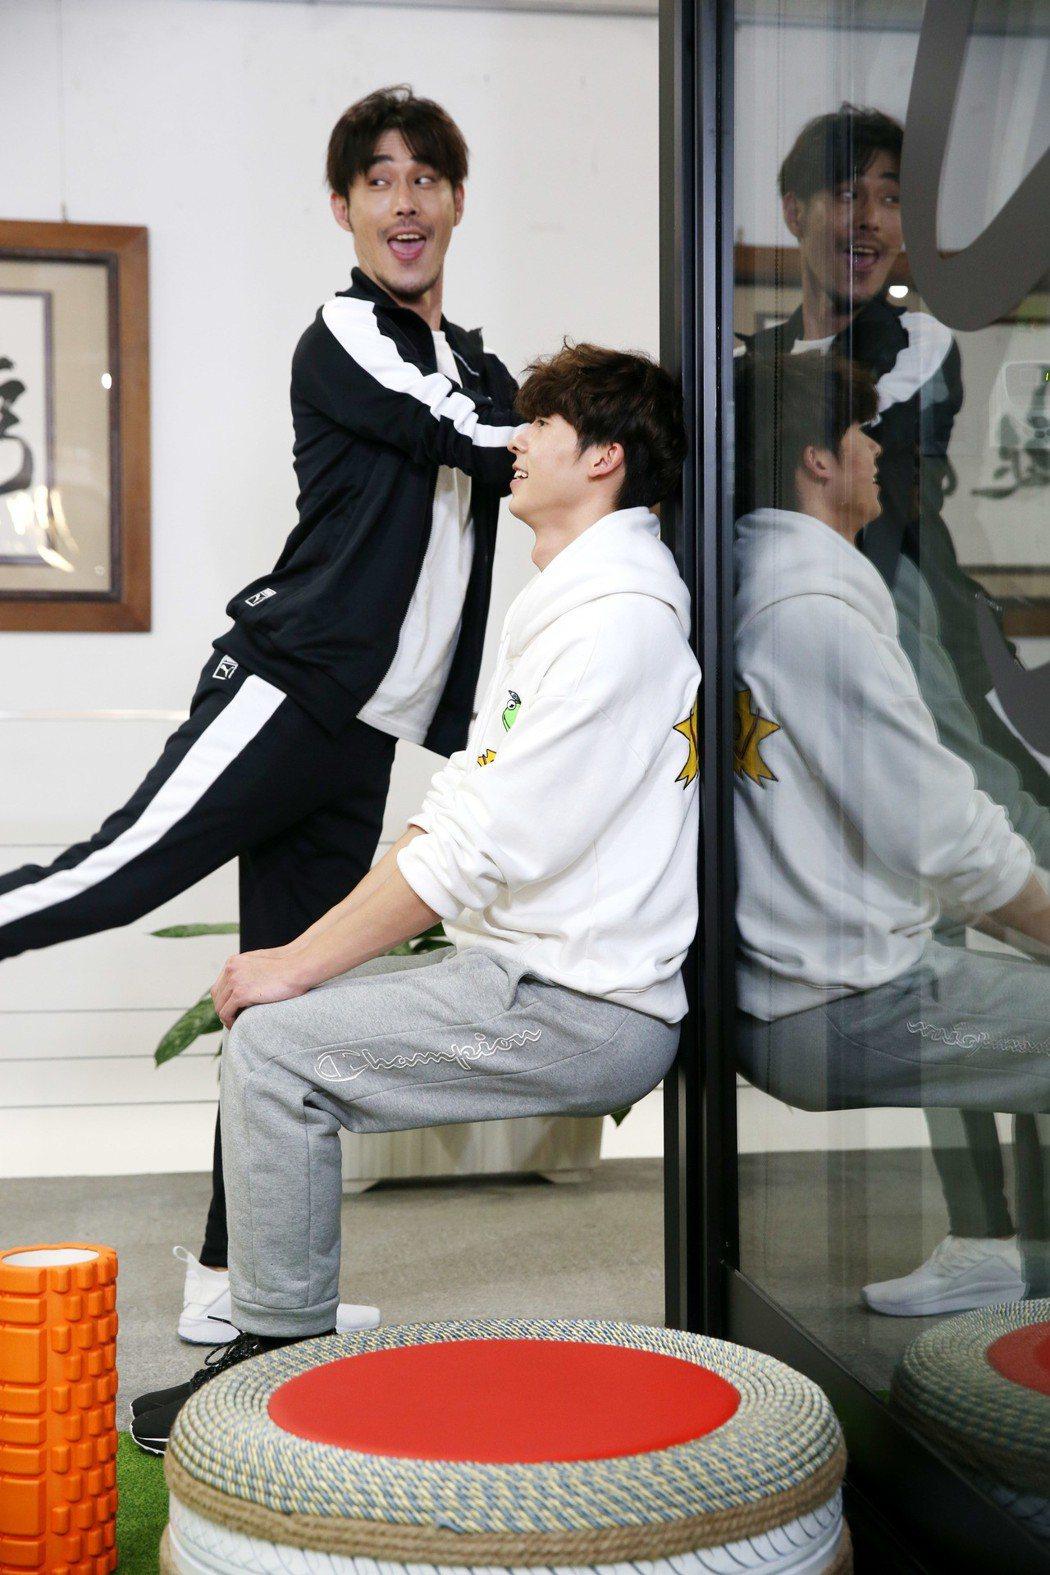 黃騰浩(後)、許光漢(前)示範居家健身,深蹲練肌力。記者邱德祥/攝影